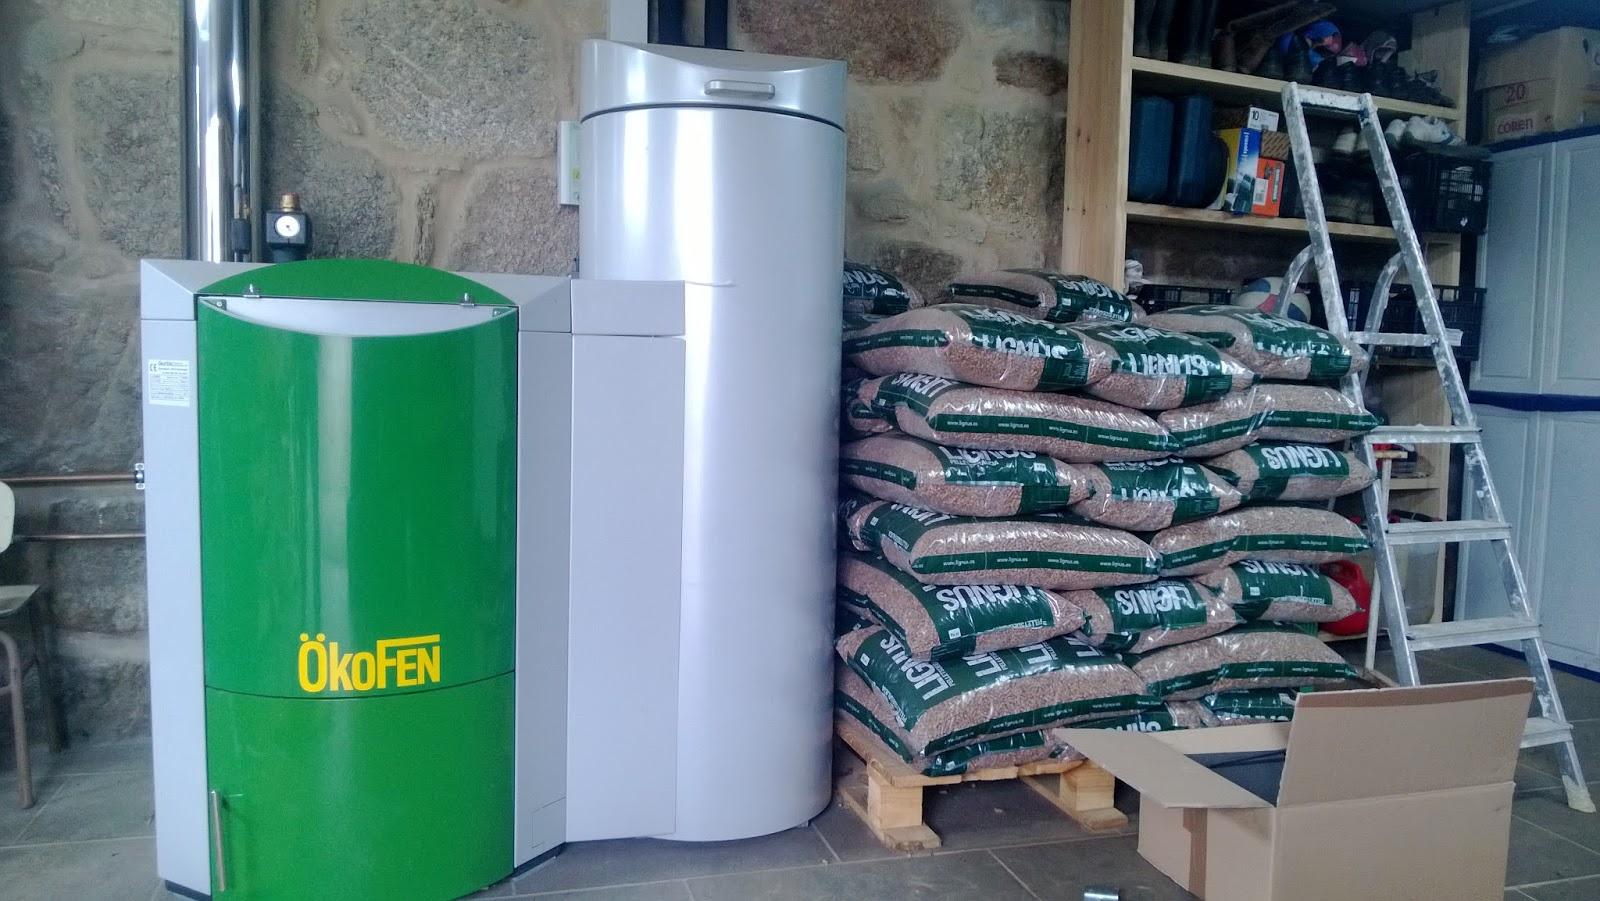 Calderas de pellets kofen especialista europeo en - Caldera de calefaccion ...